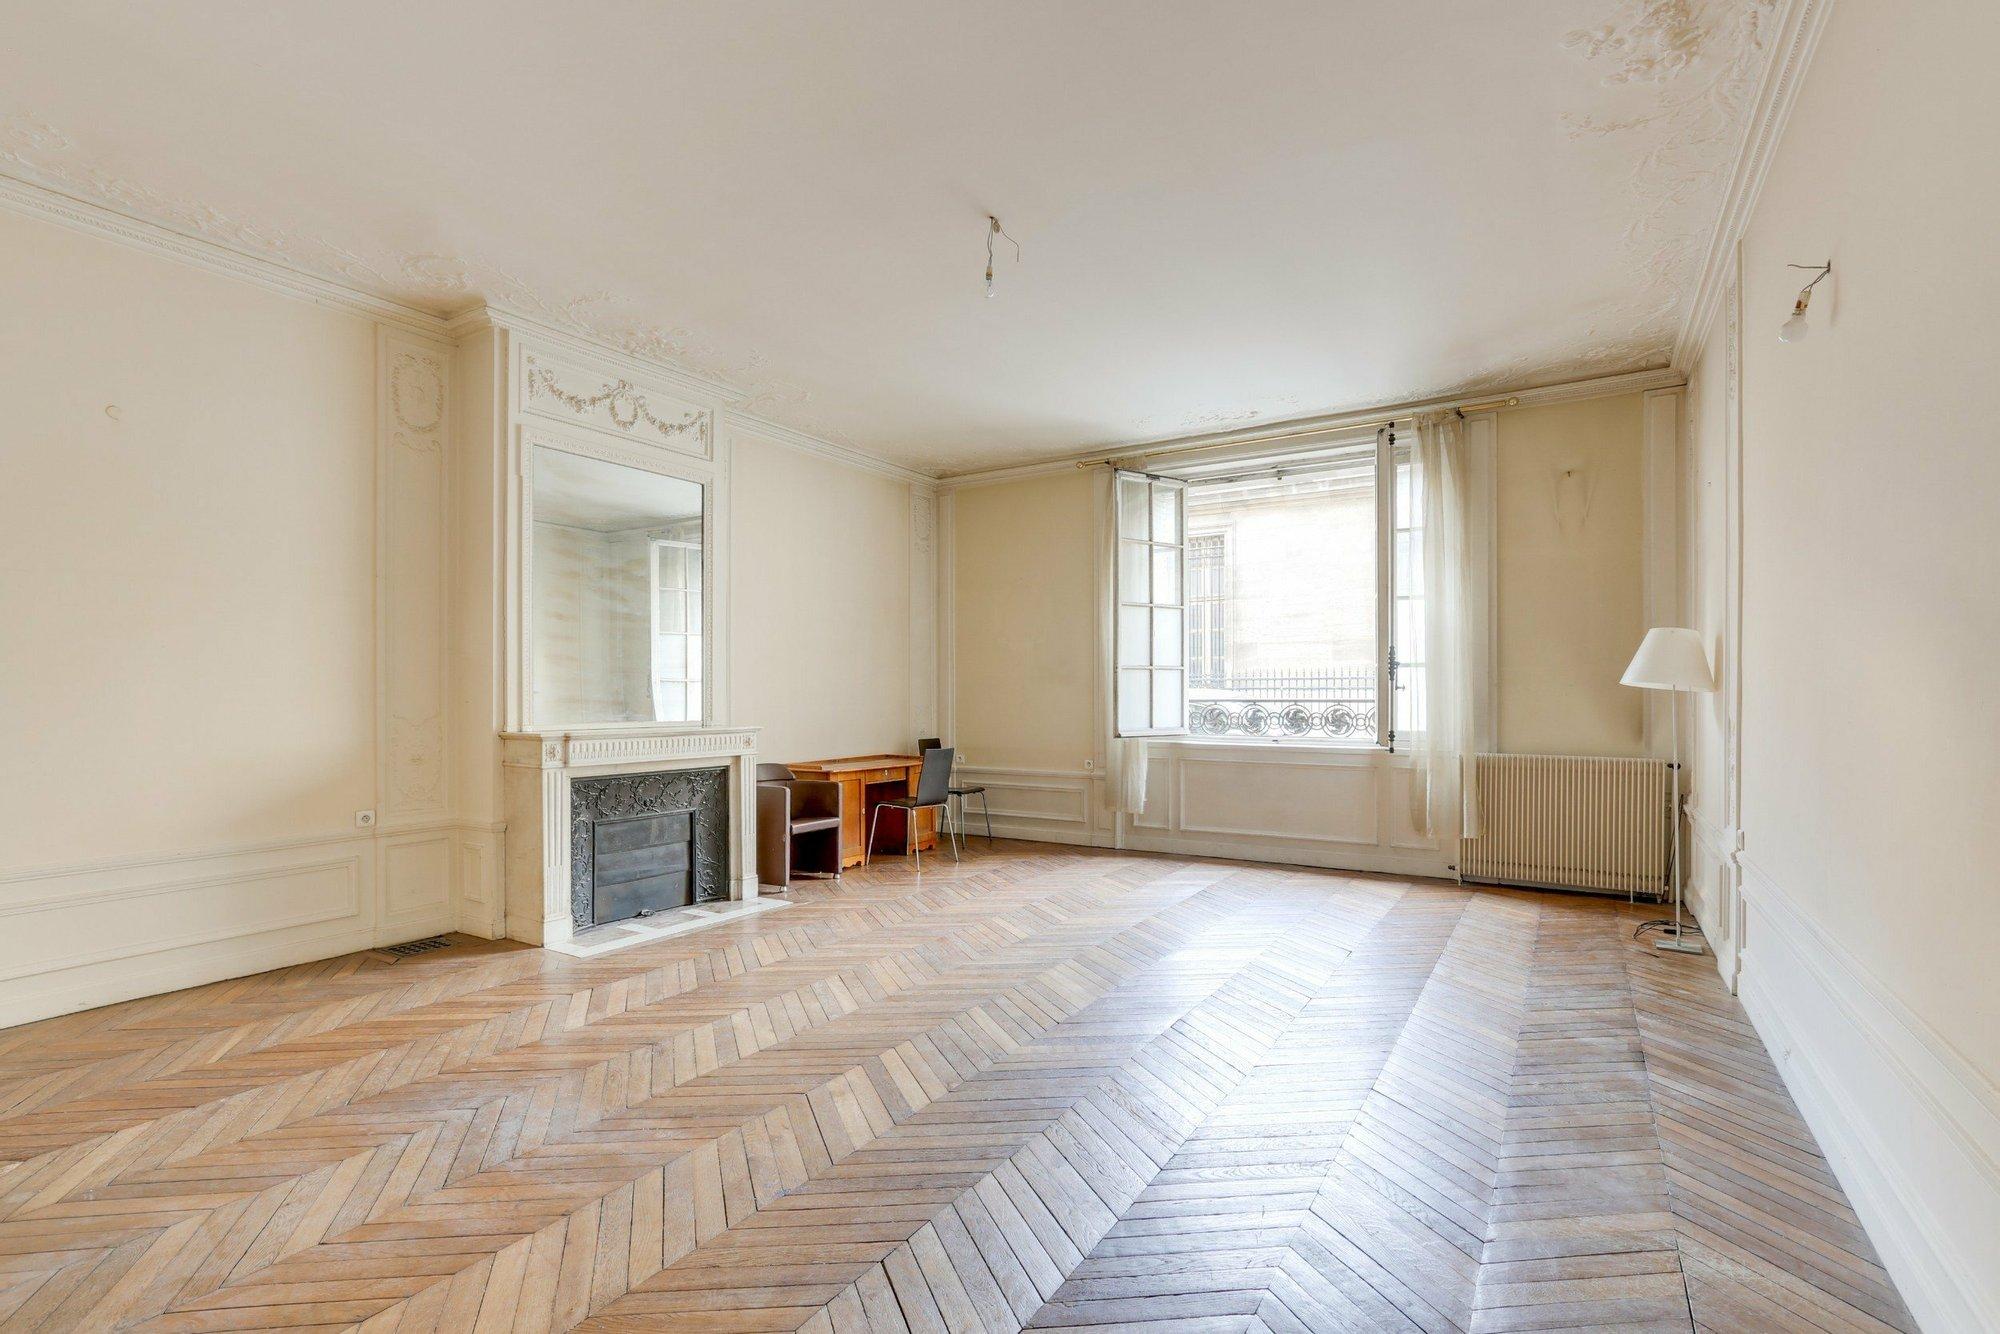 Apartment in Paris, Île-de-France, France 1 - 11413063